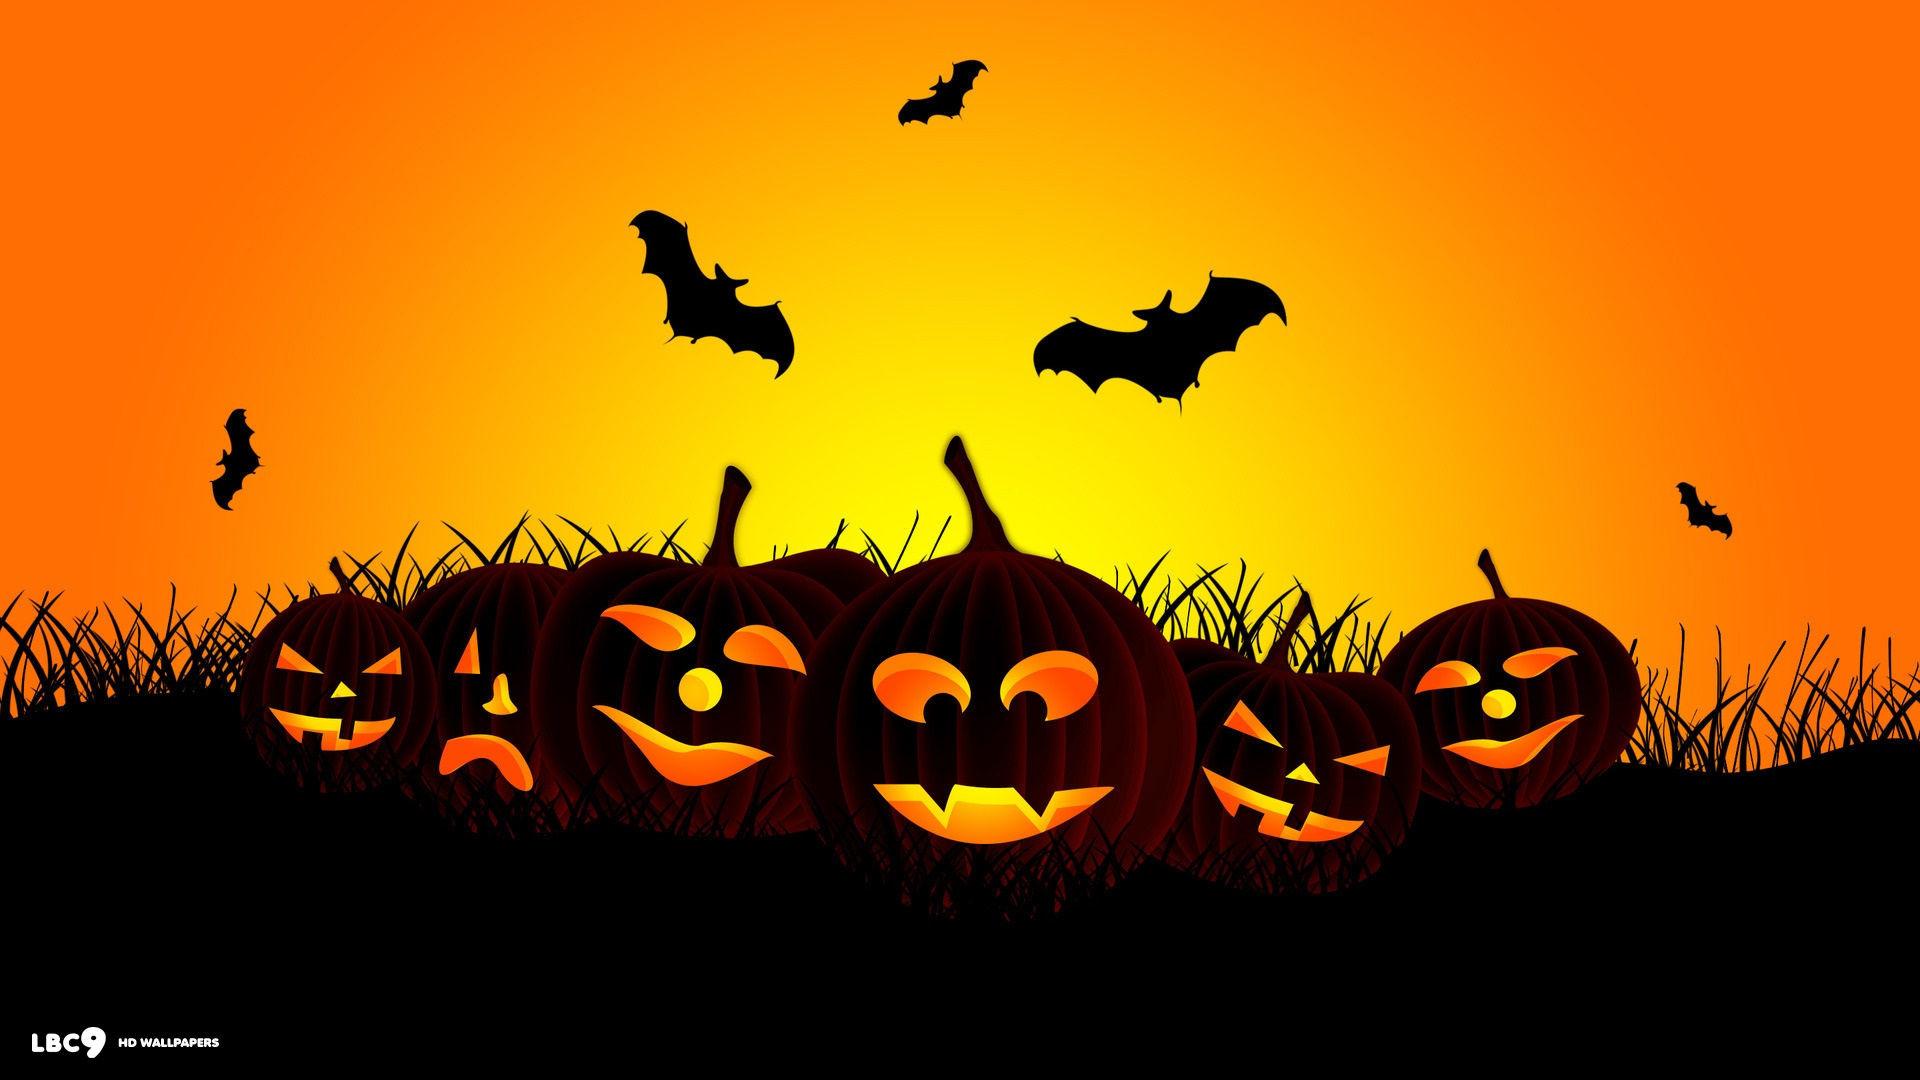 halloween wallpaper 6/10 | holidays hd backgrounds. Halloween Wallpaper 6  10 Holidays Hd Backgrounds